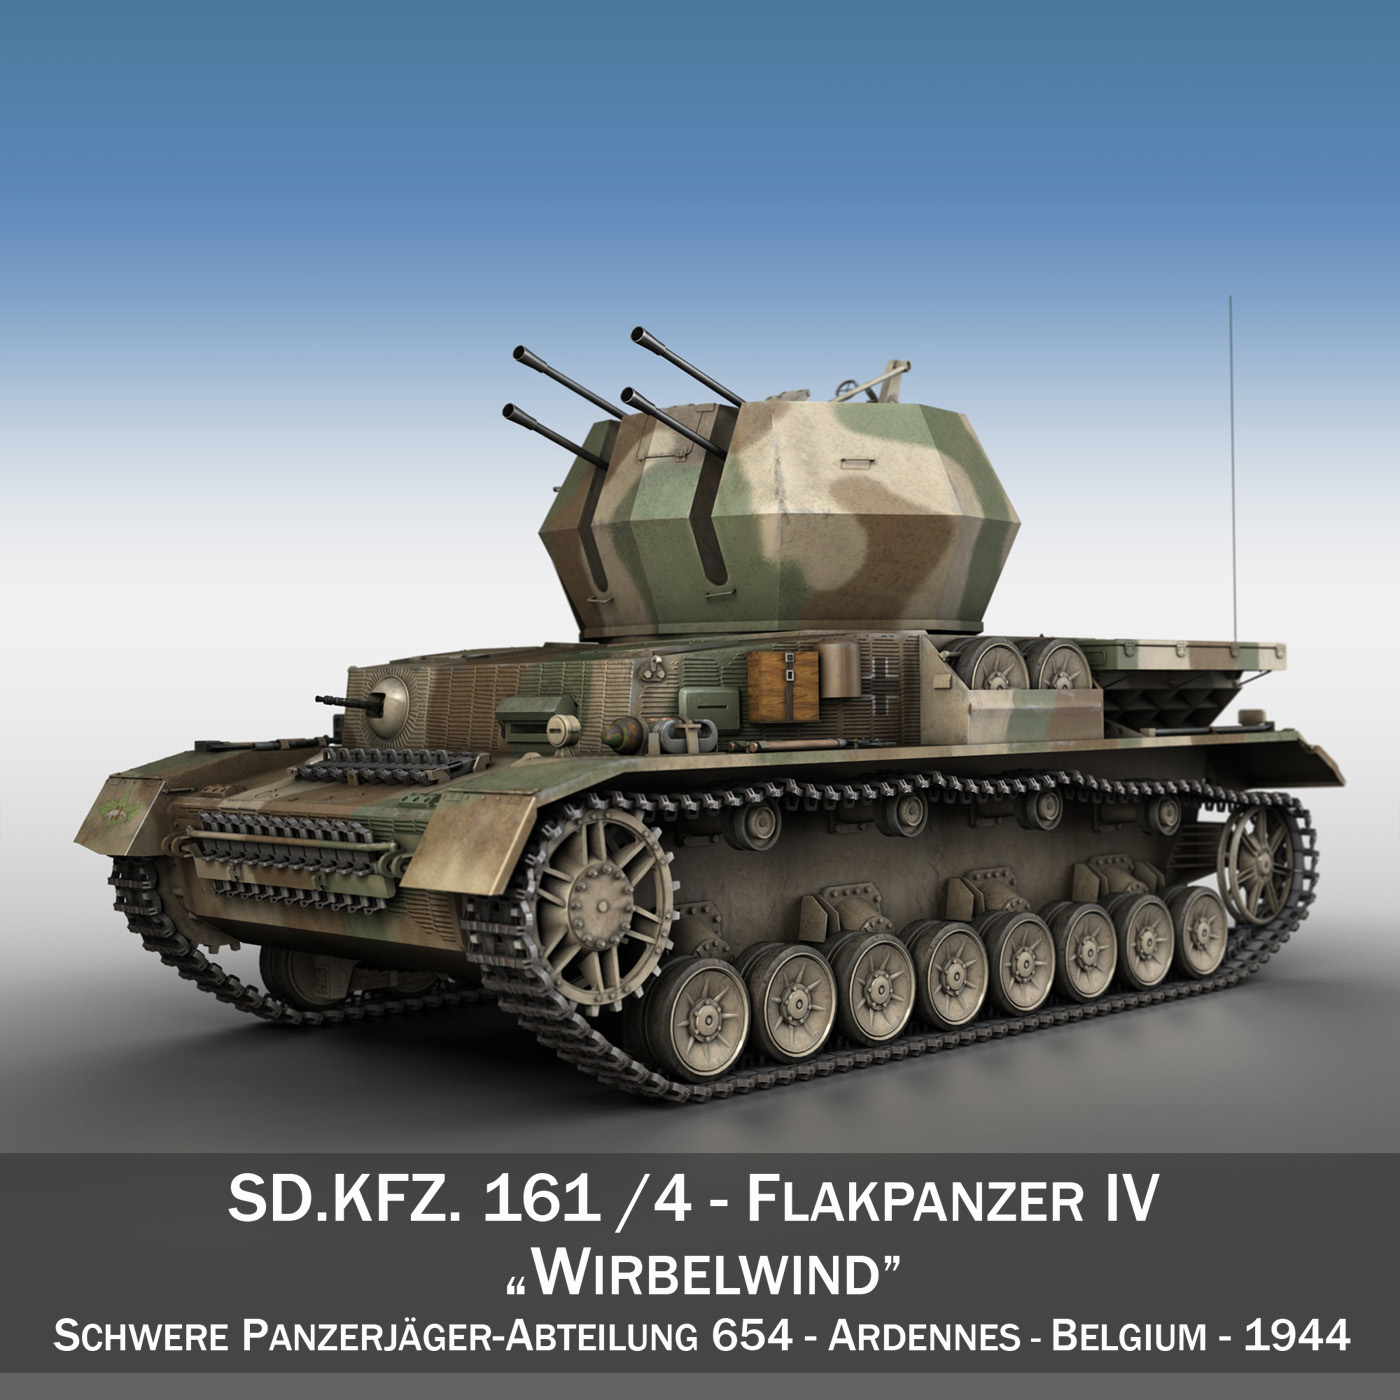 flakpanzer iv - wirbelwind - spzjgabt 654 3d modelo 3ds fbx c4d lwo obj 282304